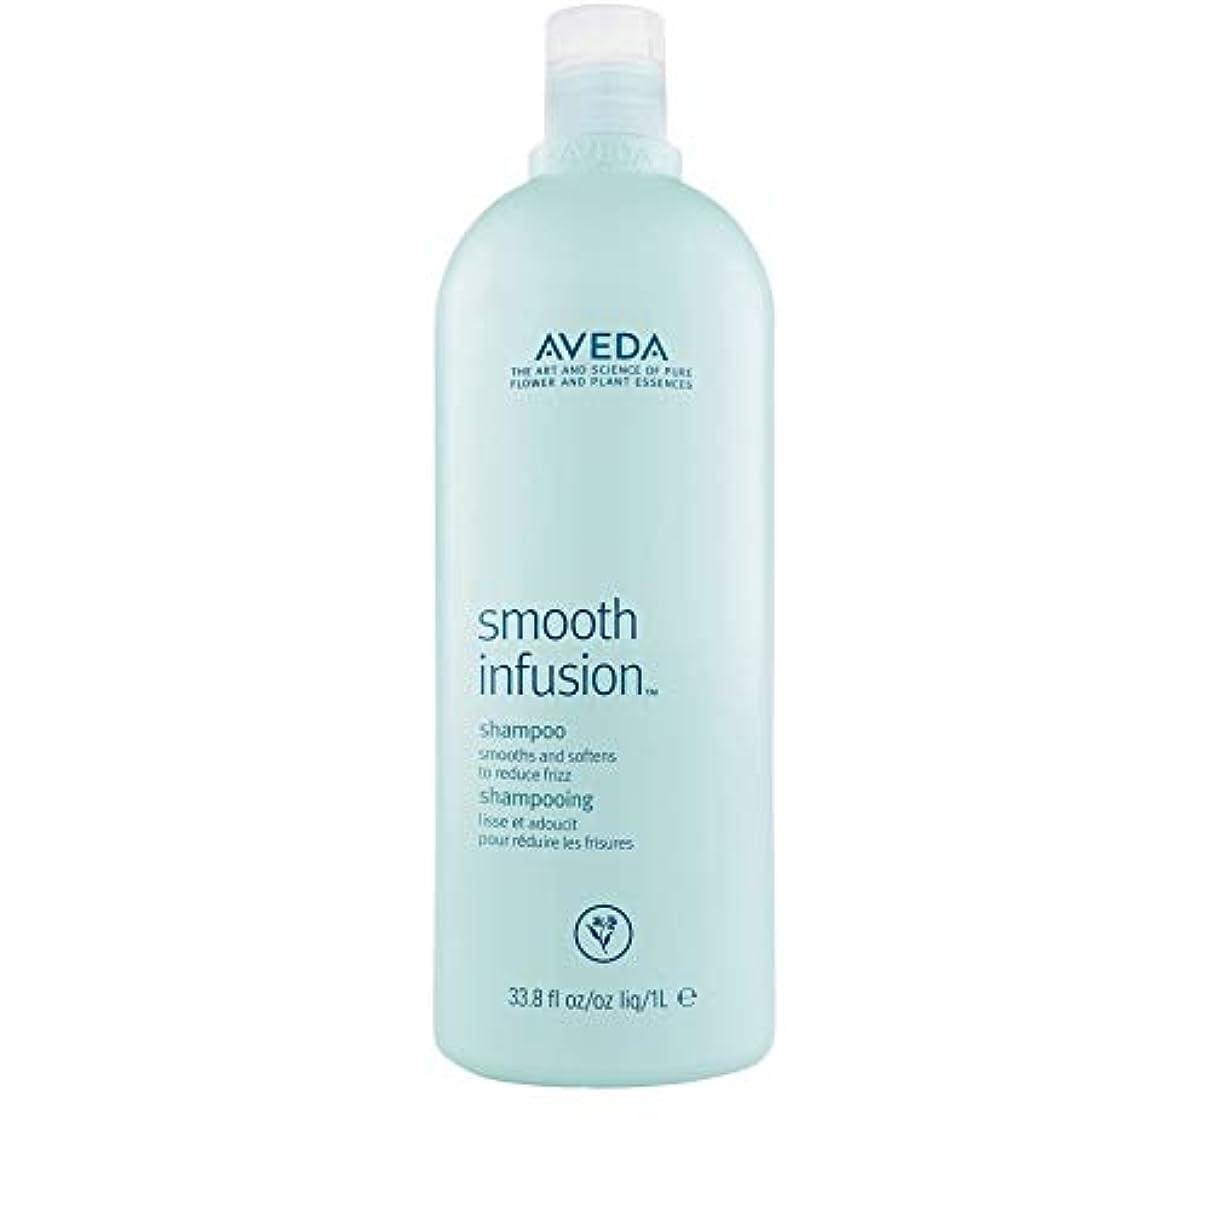 暴徒階嵐が丘[AVEDA ] アヴェダスムーズインフュージョンシャンプー1リットル - Aveda Smooth Infusion Shampoo 1L [並行輸入品]